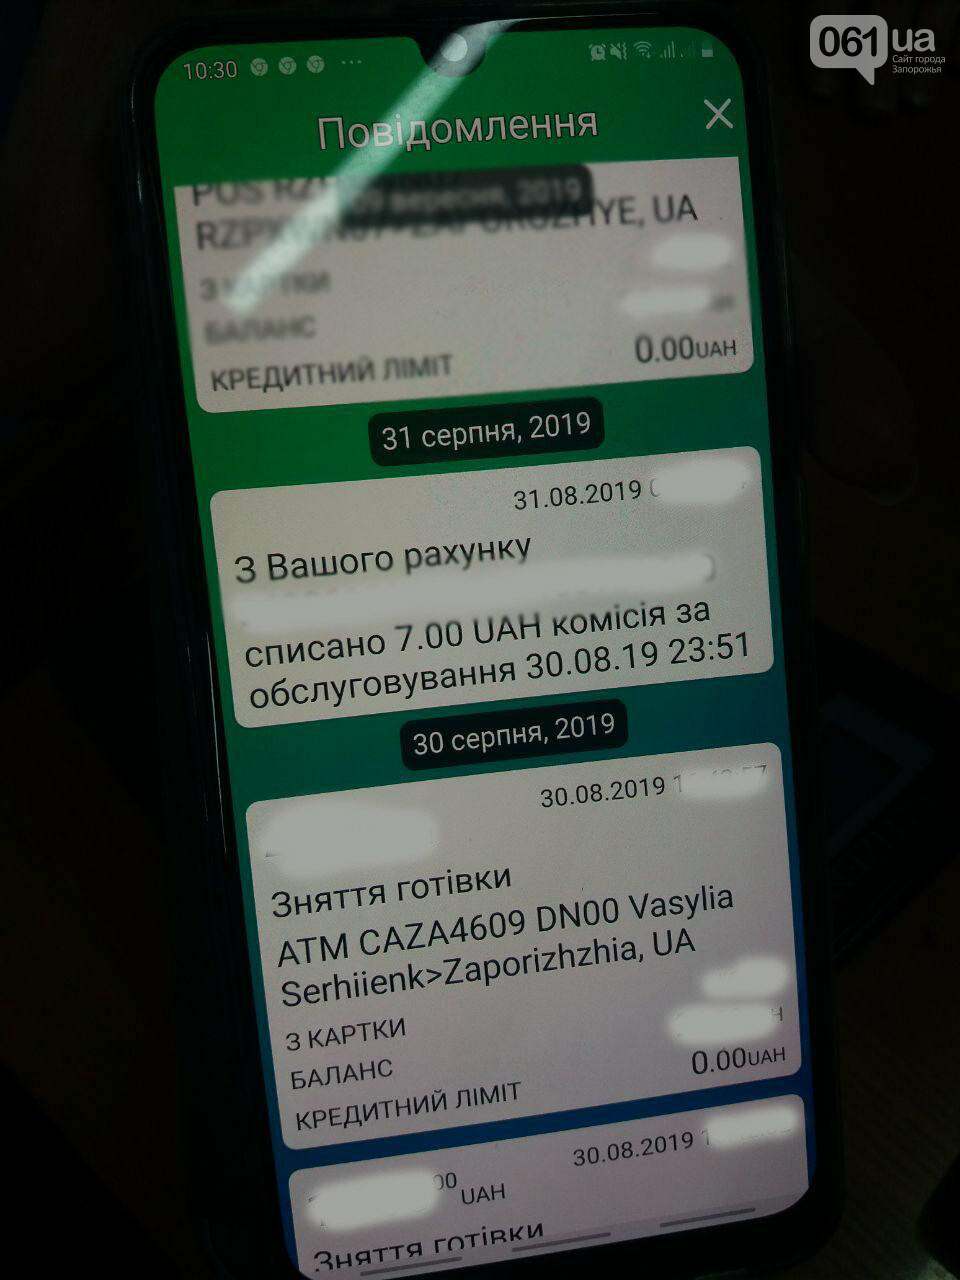 «Все равно никуда не денетесь»: медиков запорожской больницы переводят на обслуживание в другой банк без их согласия, фото-1